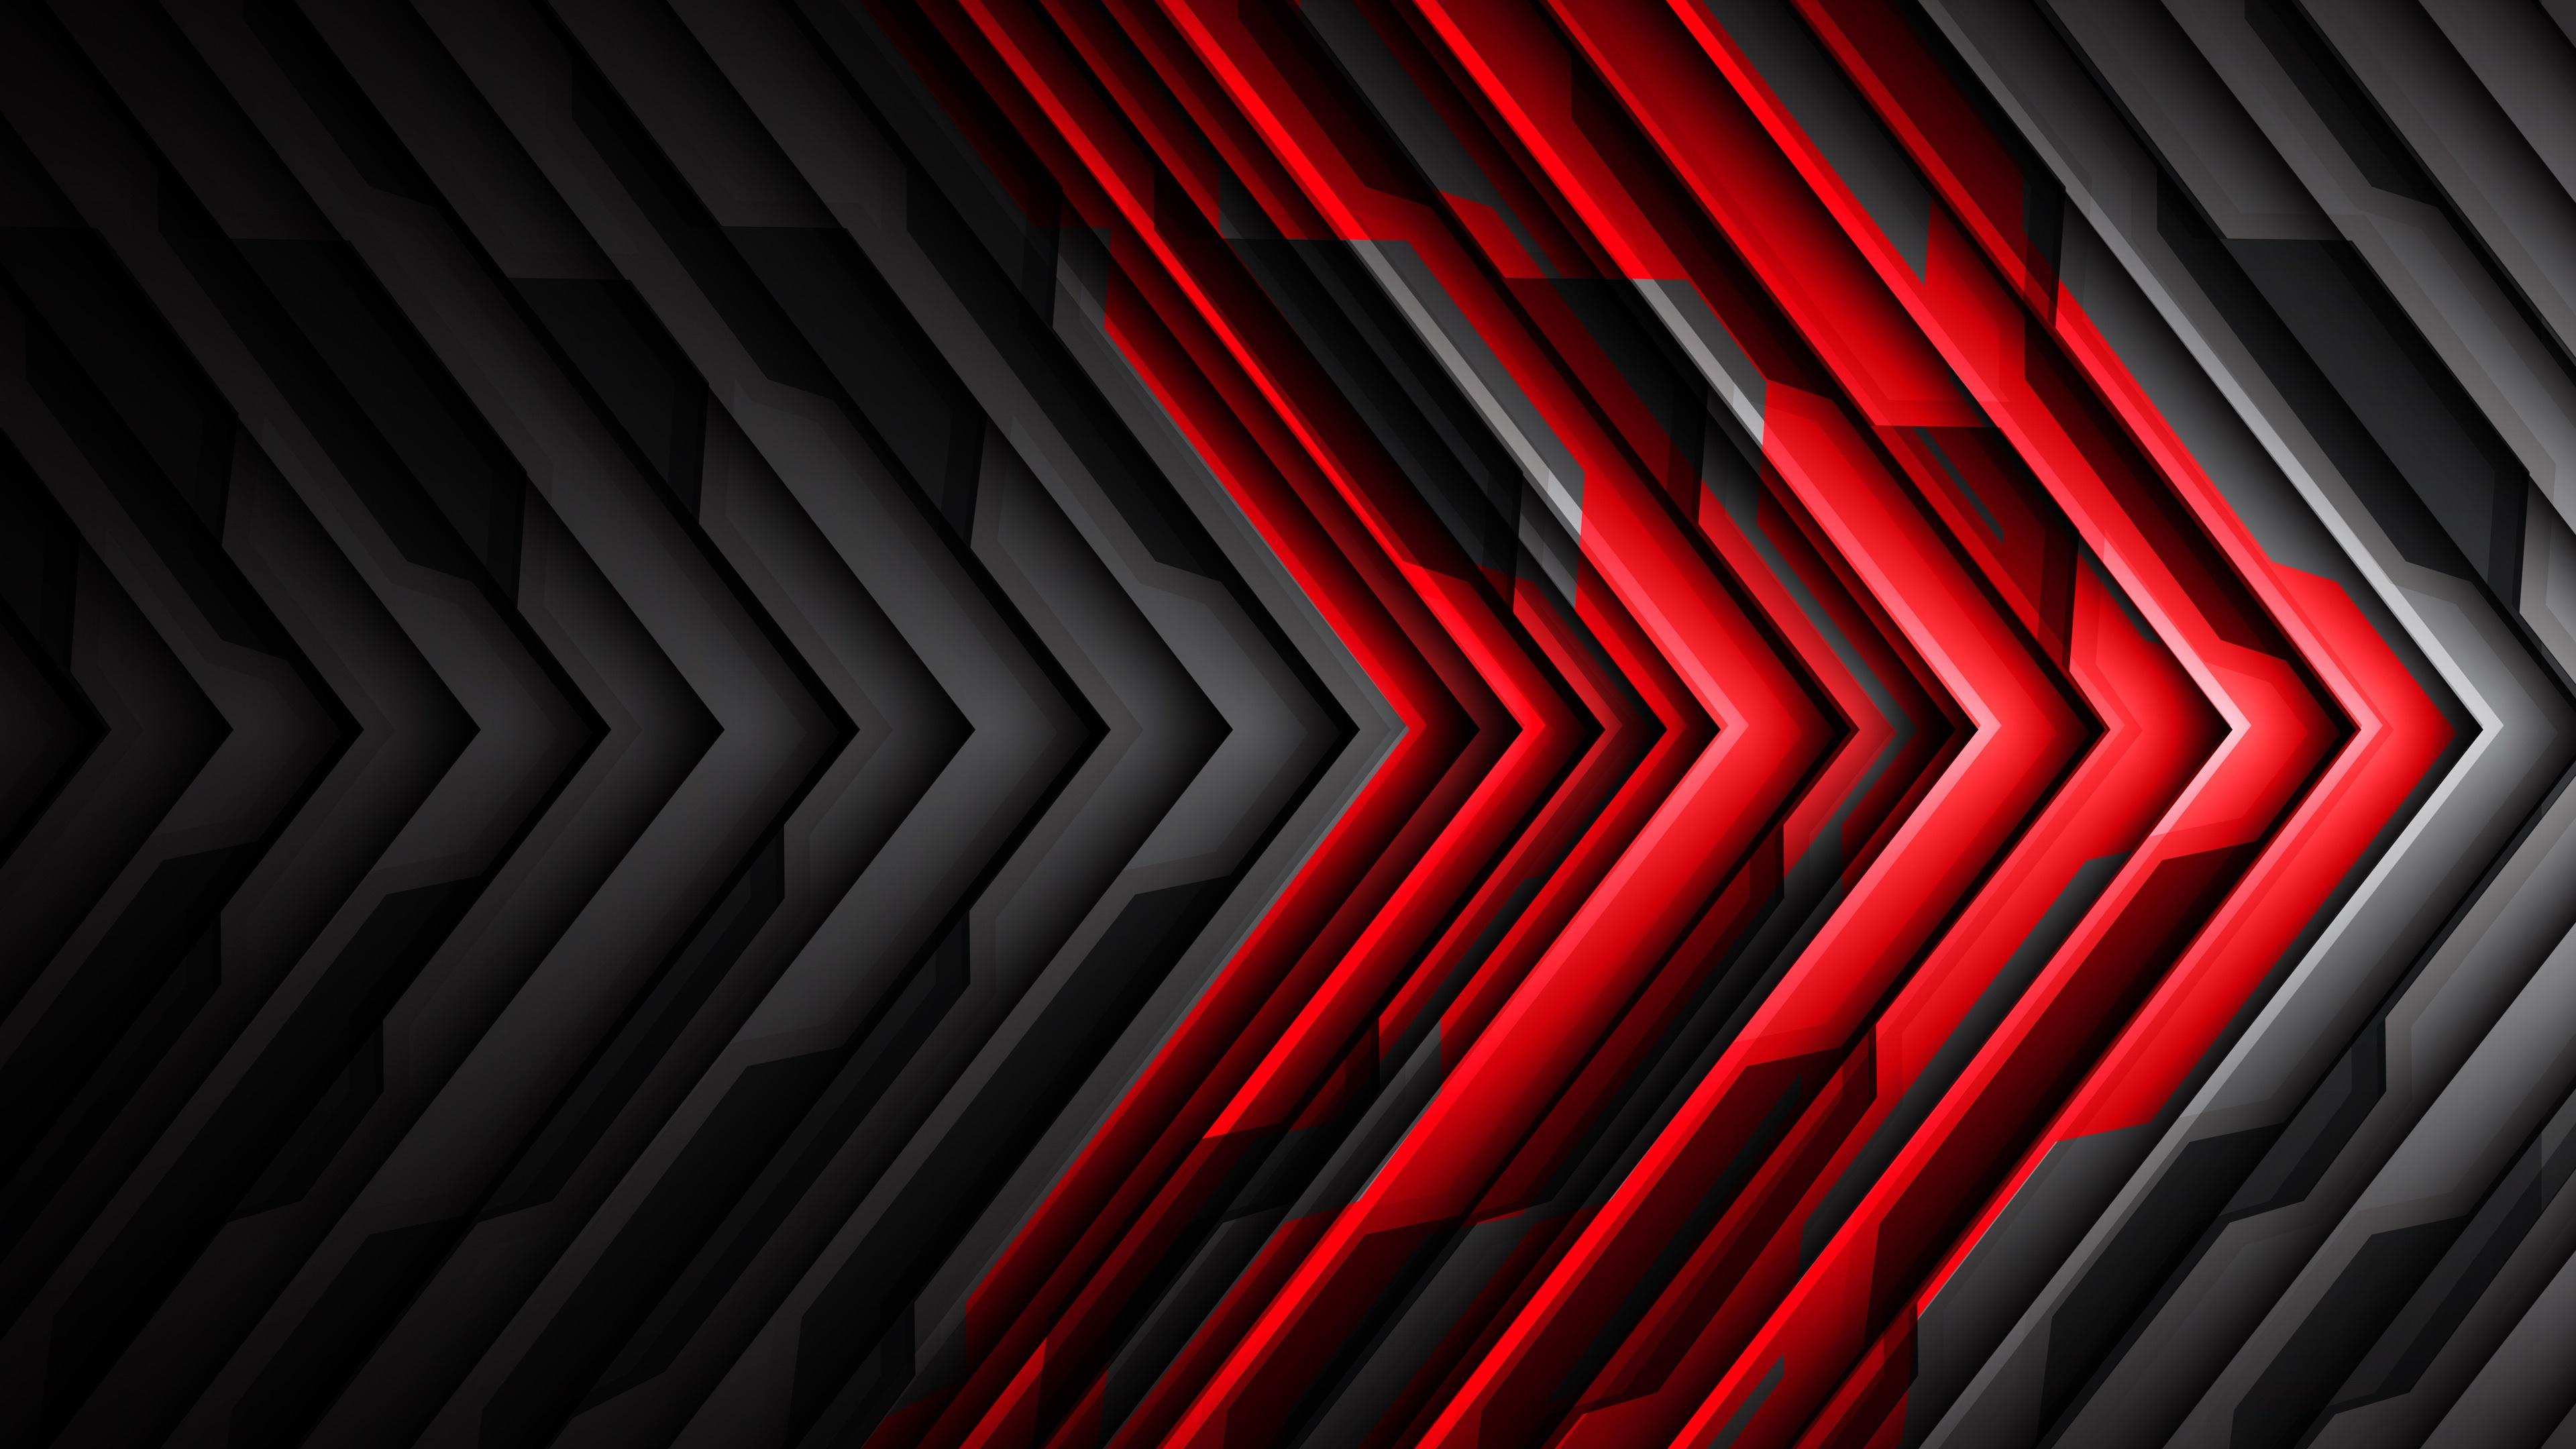 Download 2000+ Wallpaper Black Red 4k HD Paling Keren